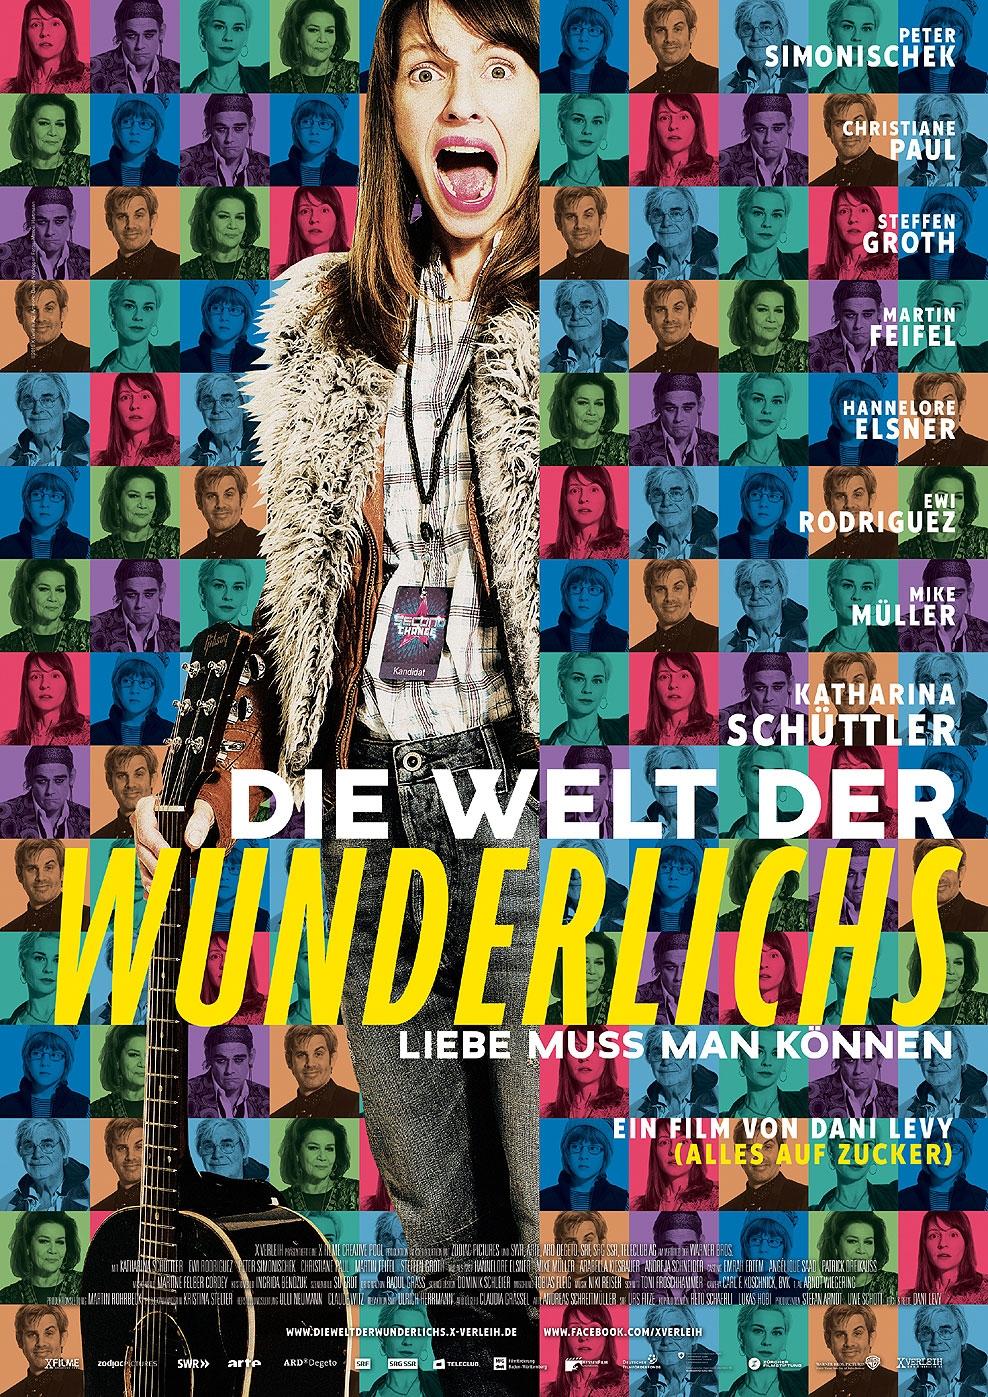 Die Welt der Wunderlichs (Poster)